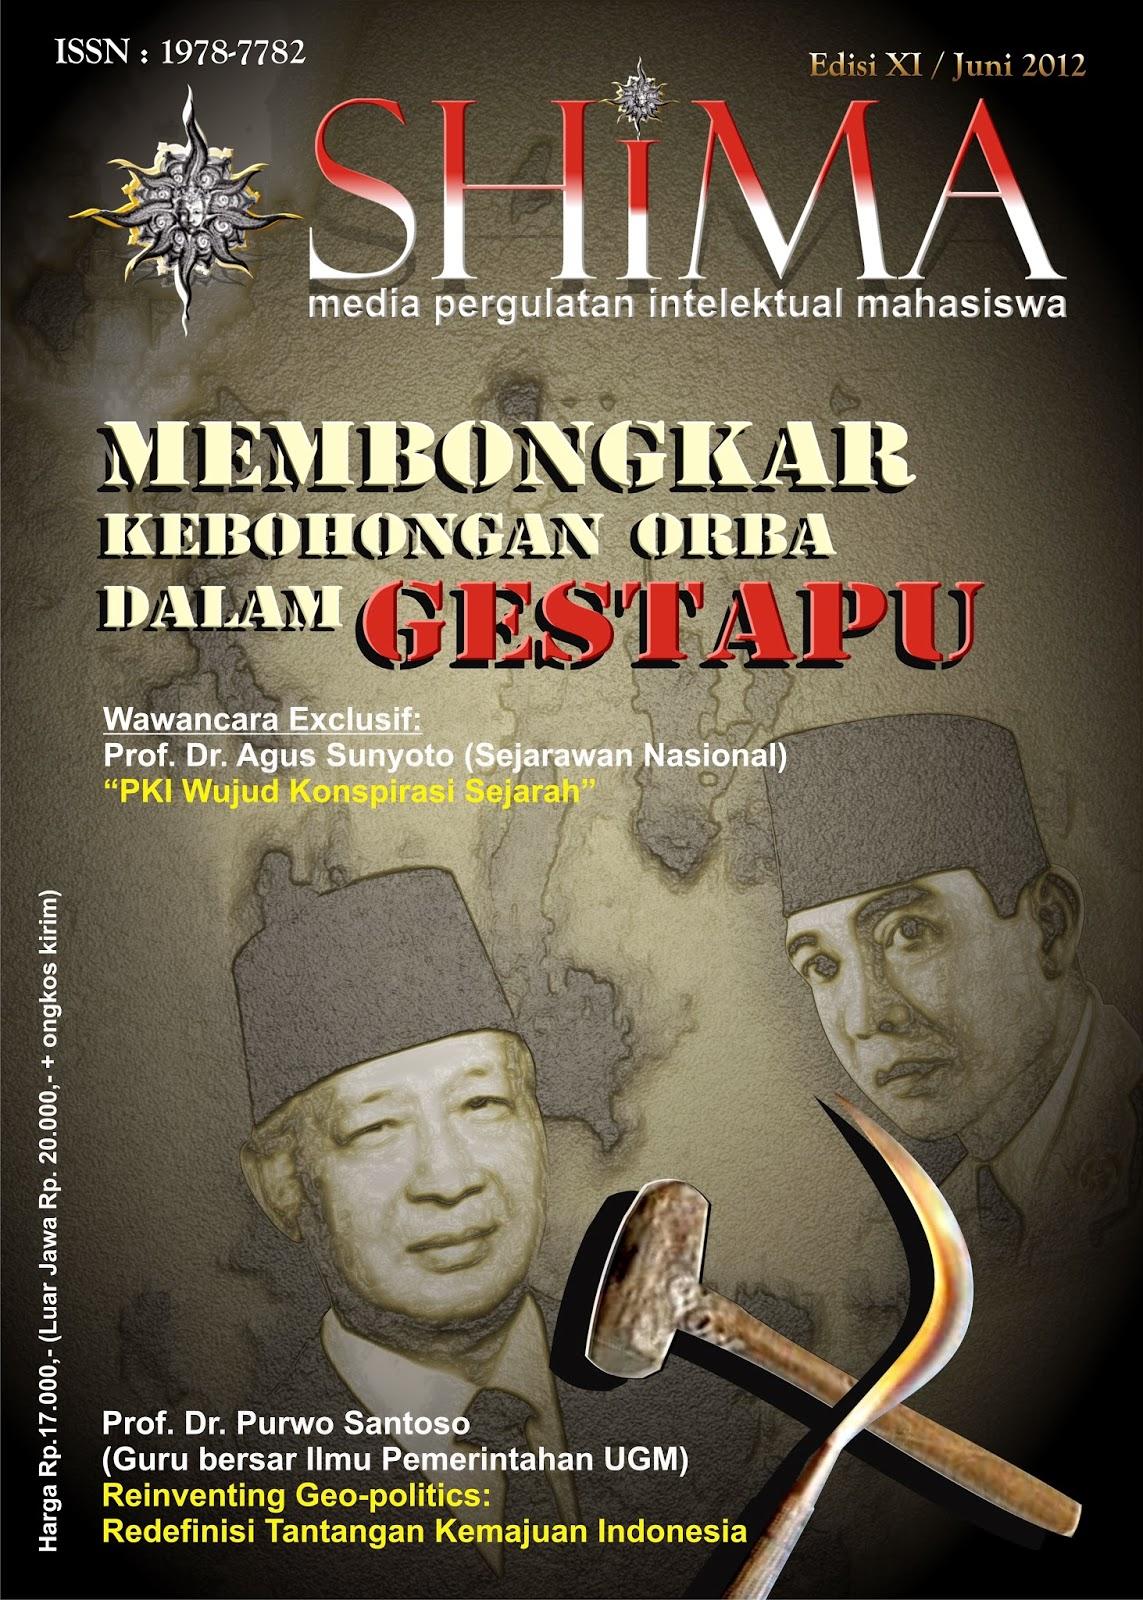 Editorial; Mempertegas Warisan Sejarah PKI yang Buram